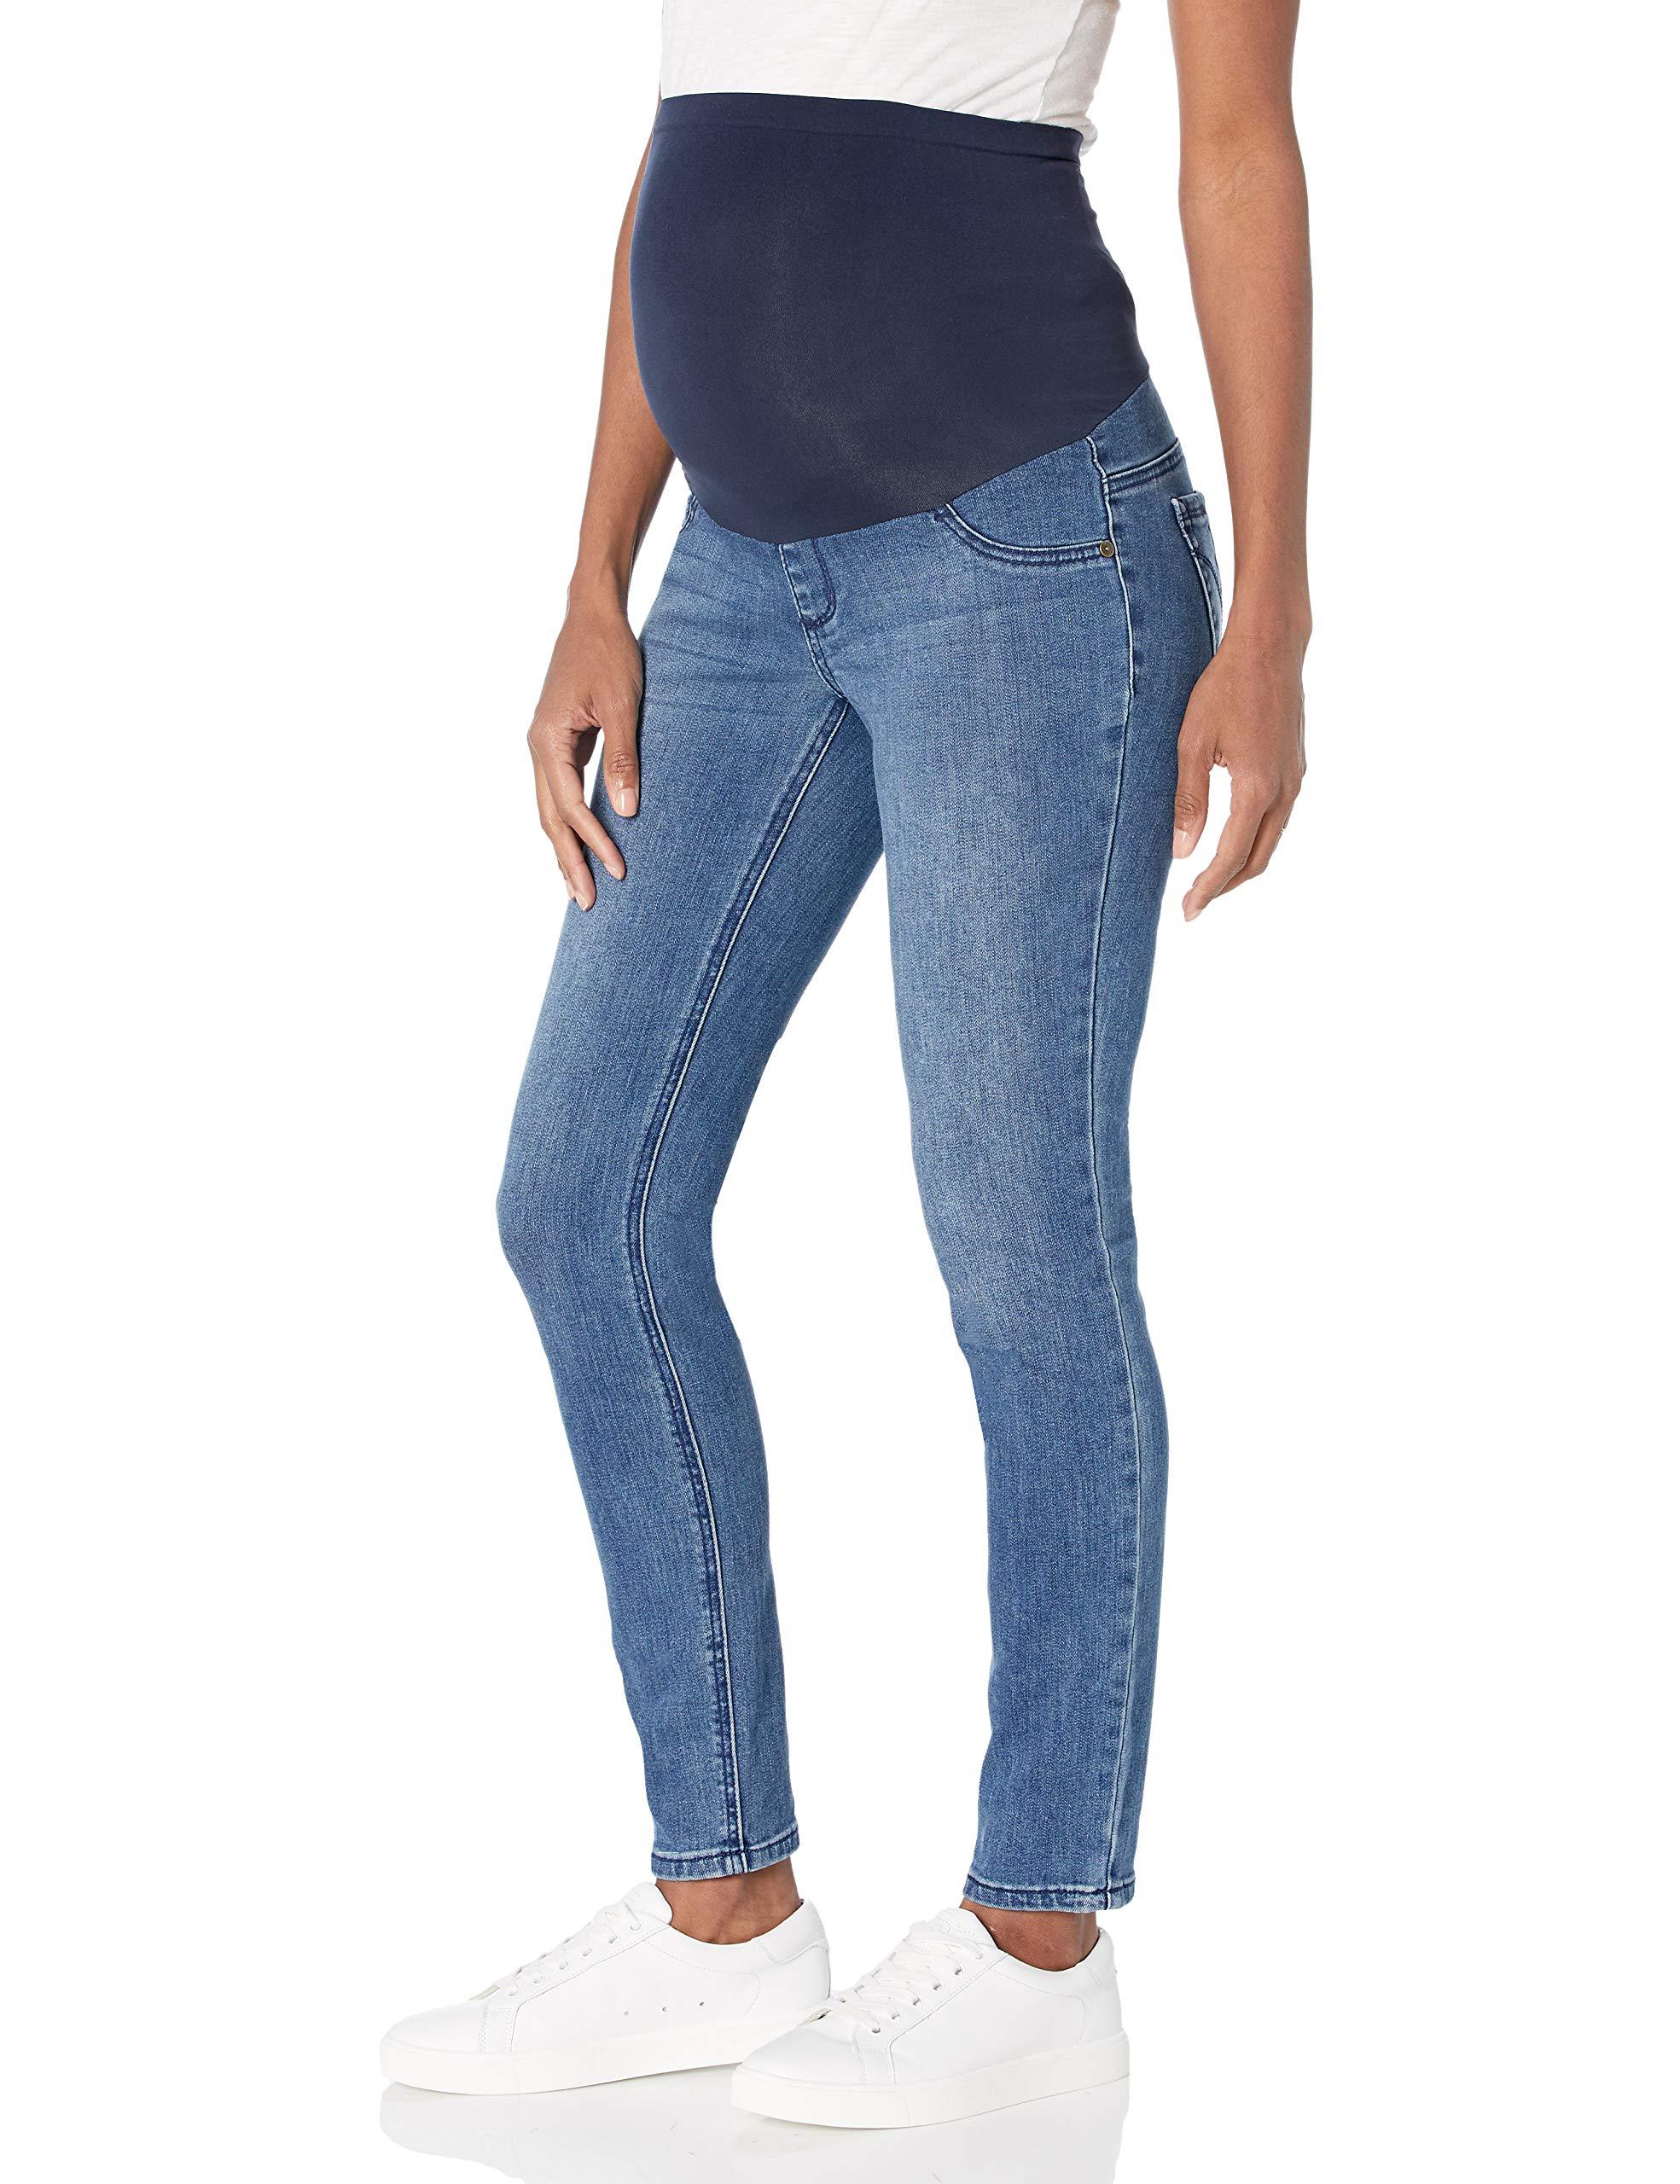 Women's Indigo Blue Super Stretch Secret Fit Belly Skinny Denim Jean